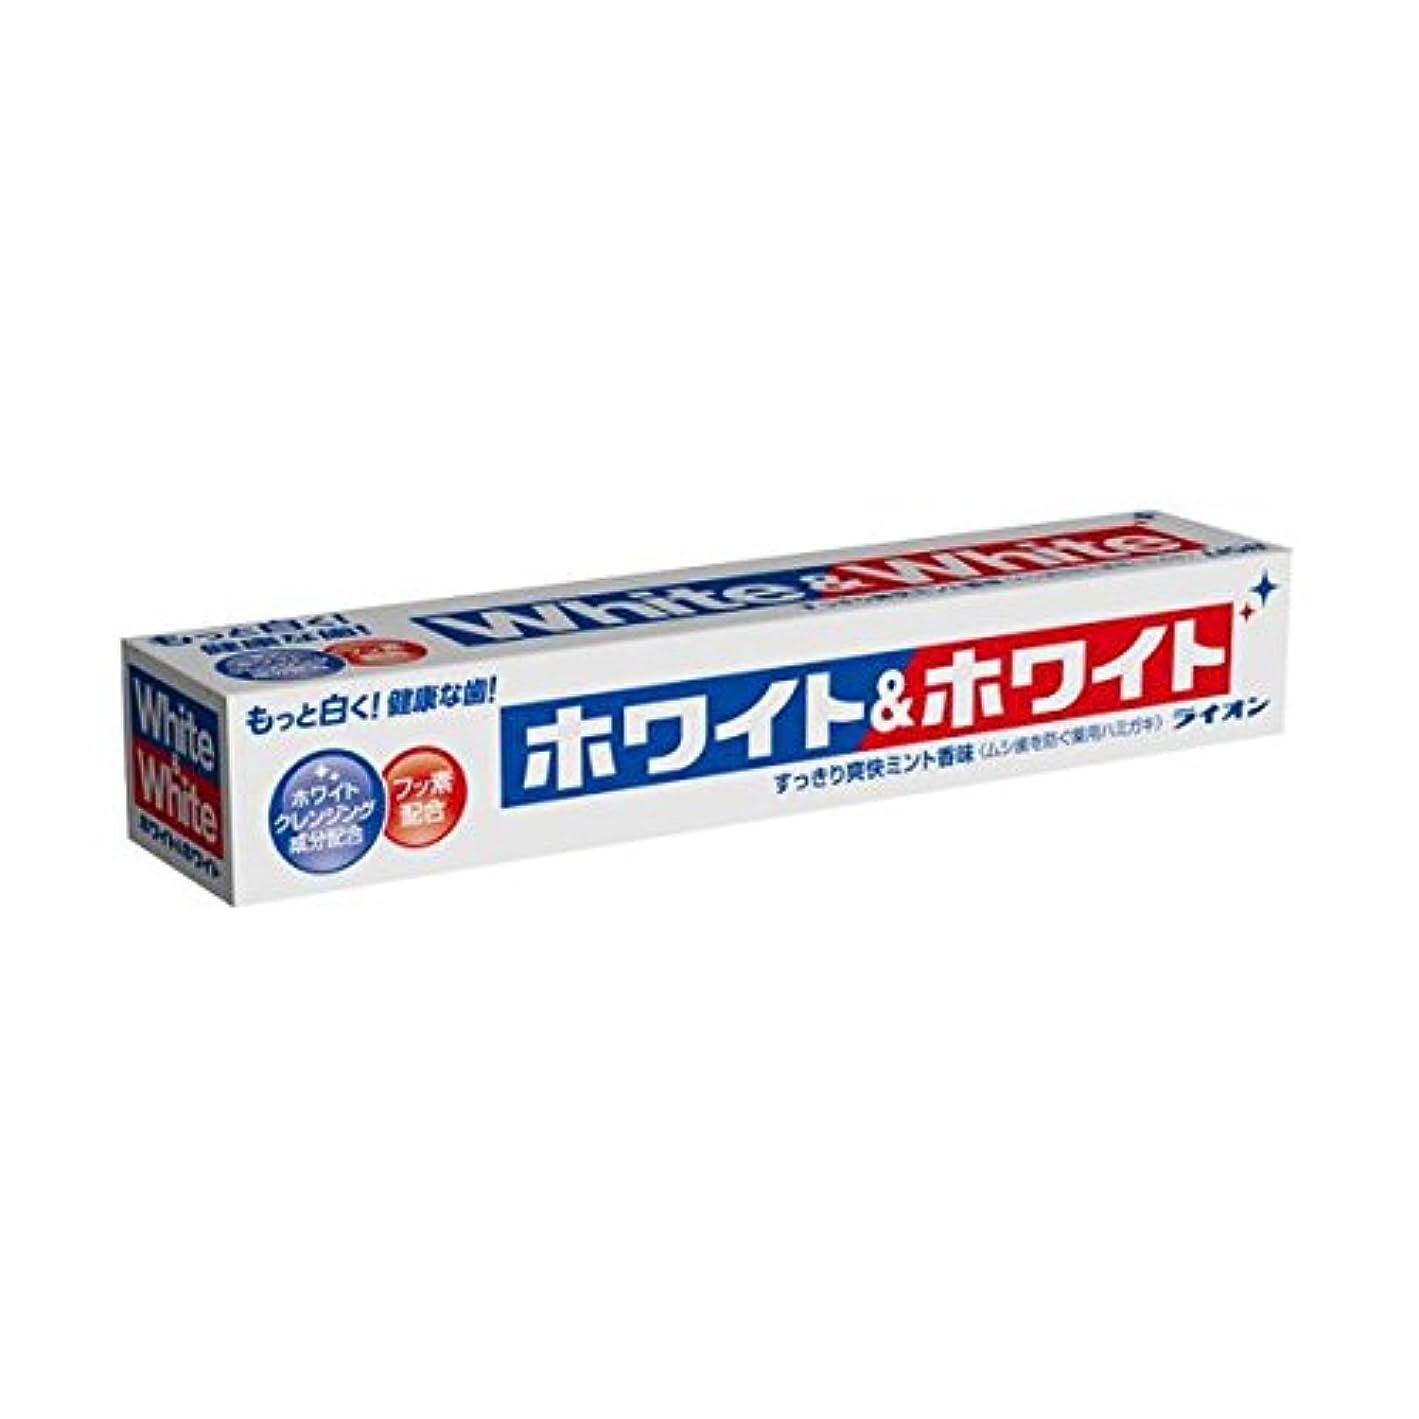 豆噂ポップホワイト&ホワイト 150g ×10個セット